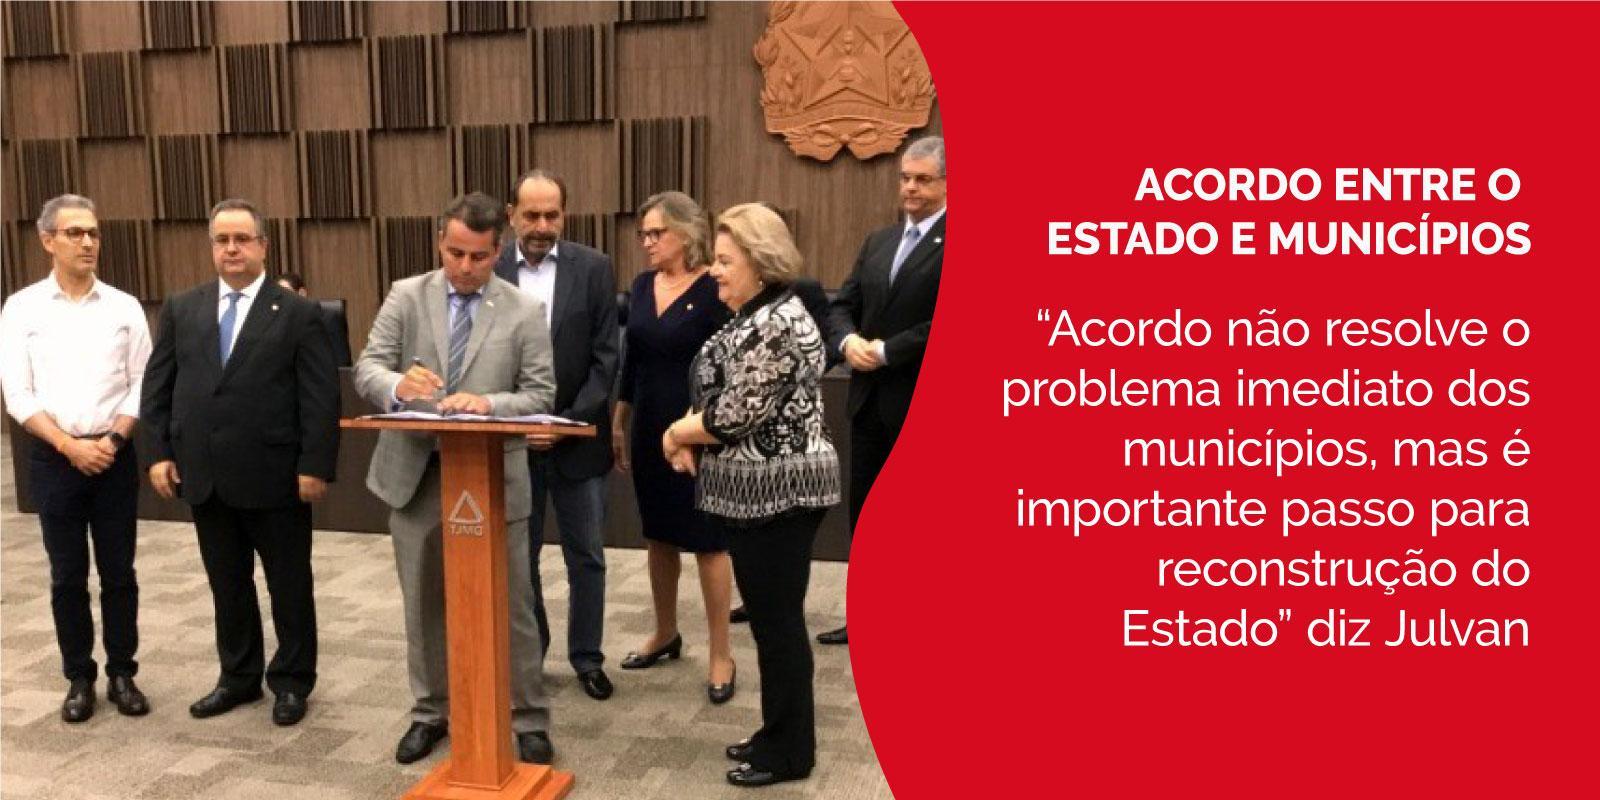 """""""Acordo não resolve o problema imediato dos municípios, mas é importante passo para reconstrução do Estado"""" diz Julvan"""